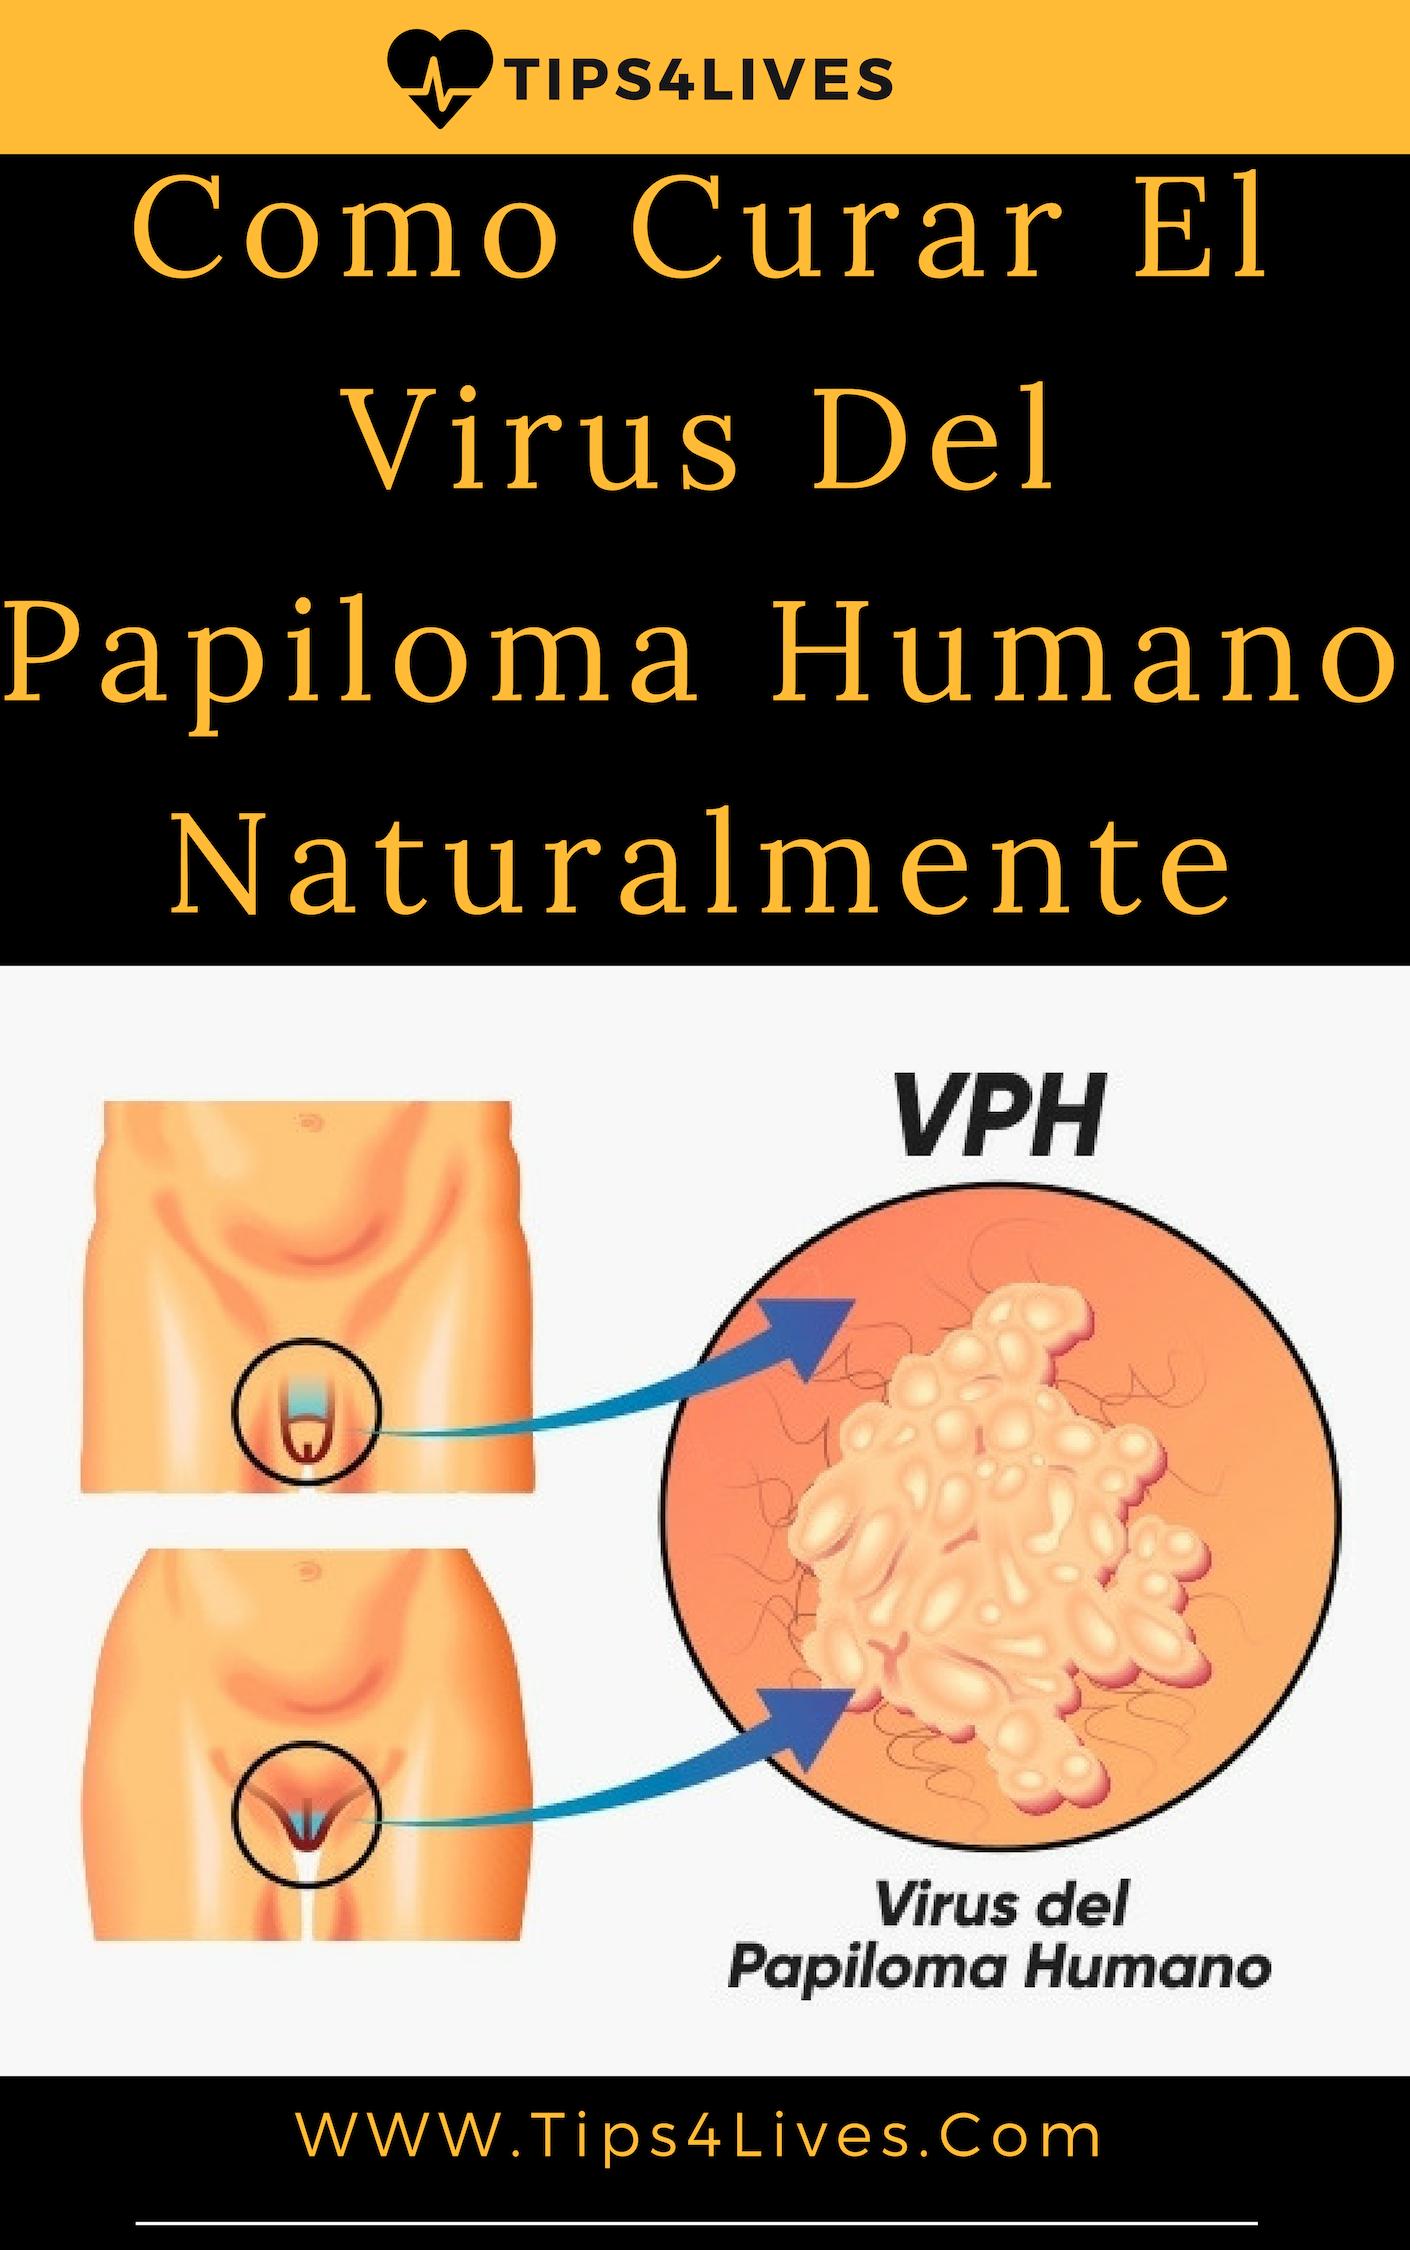 curar papiloma genital